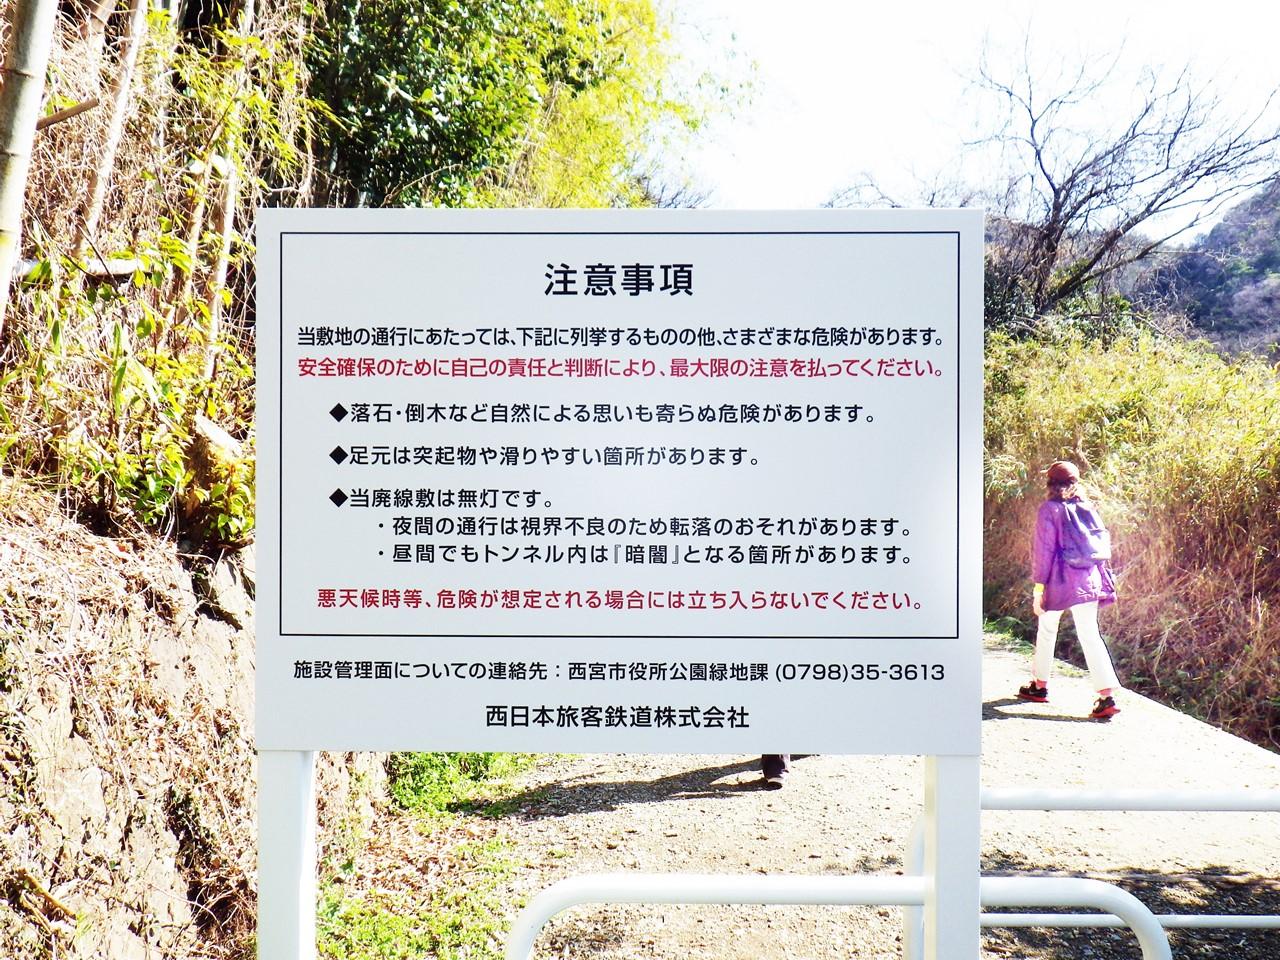 02a 廃線コース入口